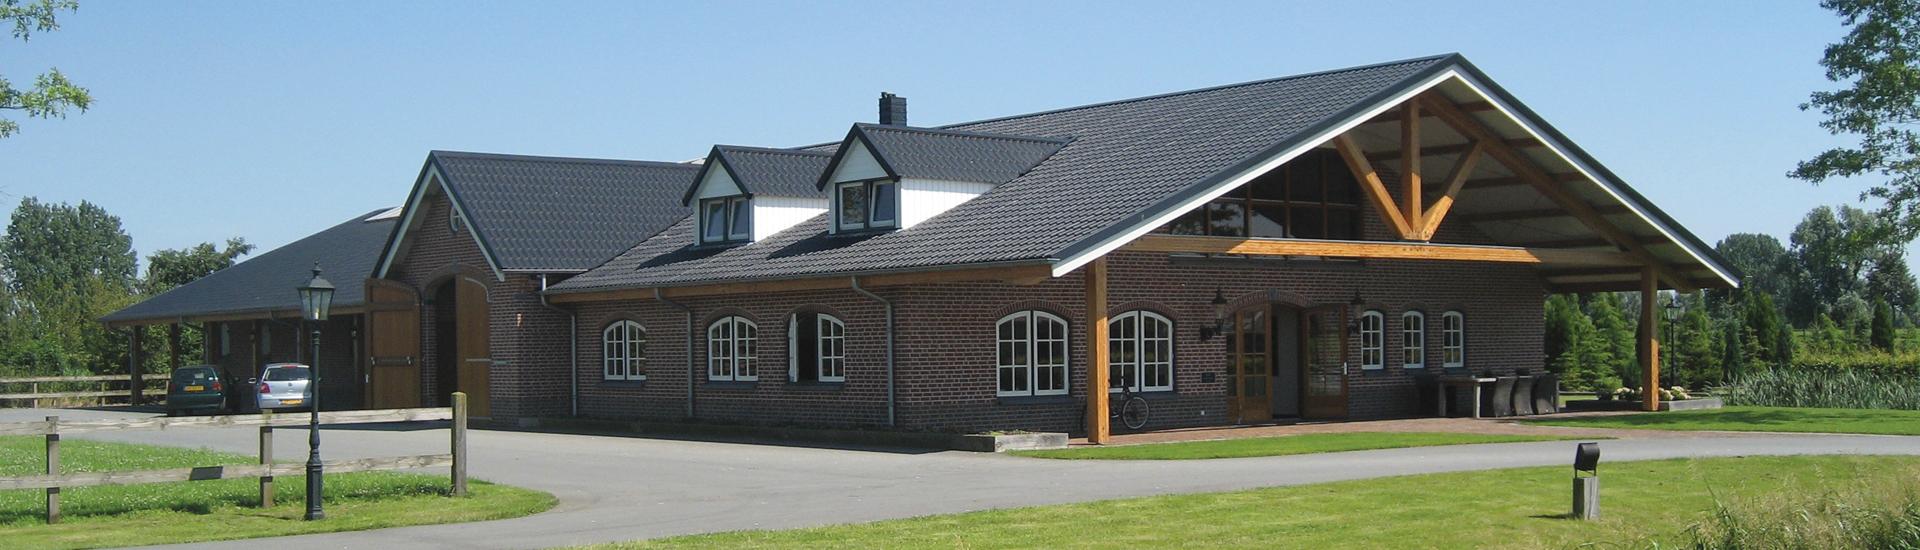 Bouwbedrijf Sleenhoff hengstation van Uytert